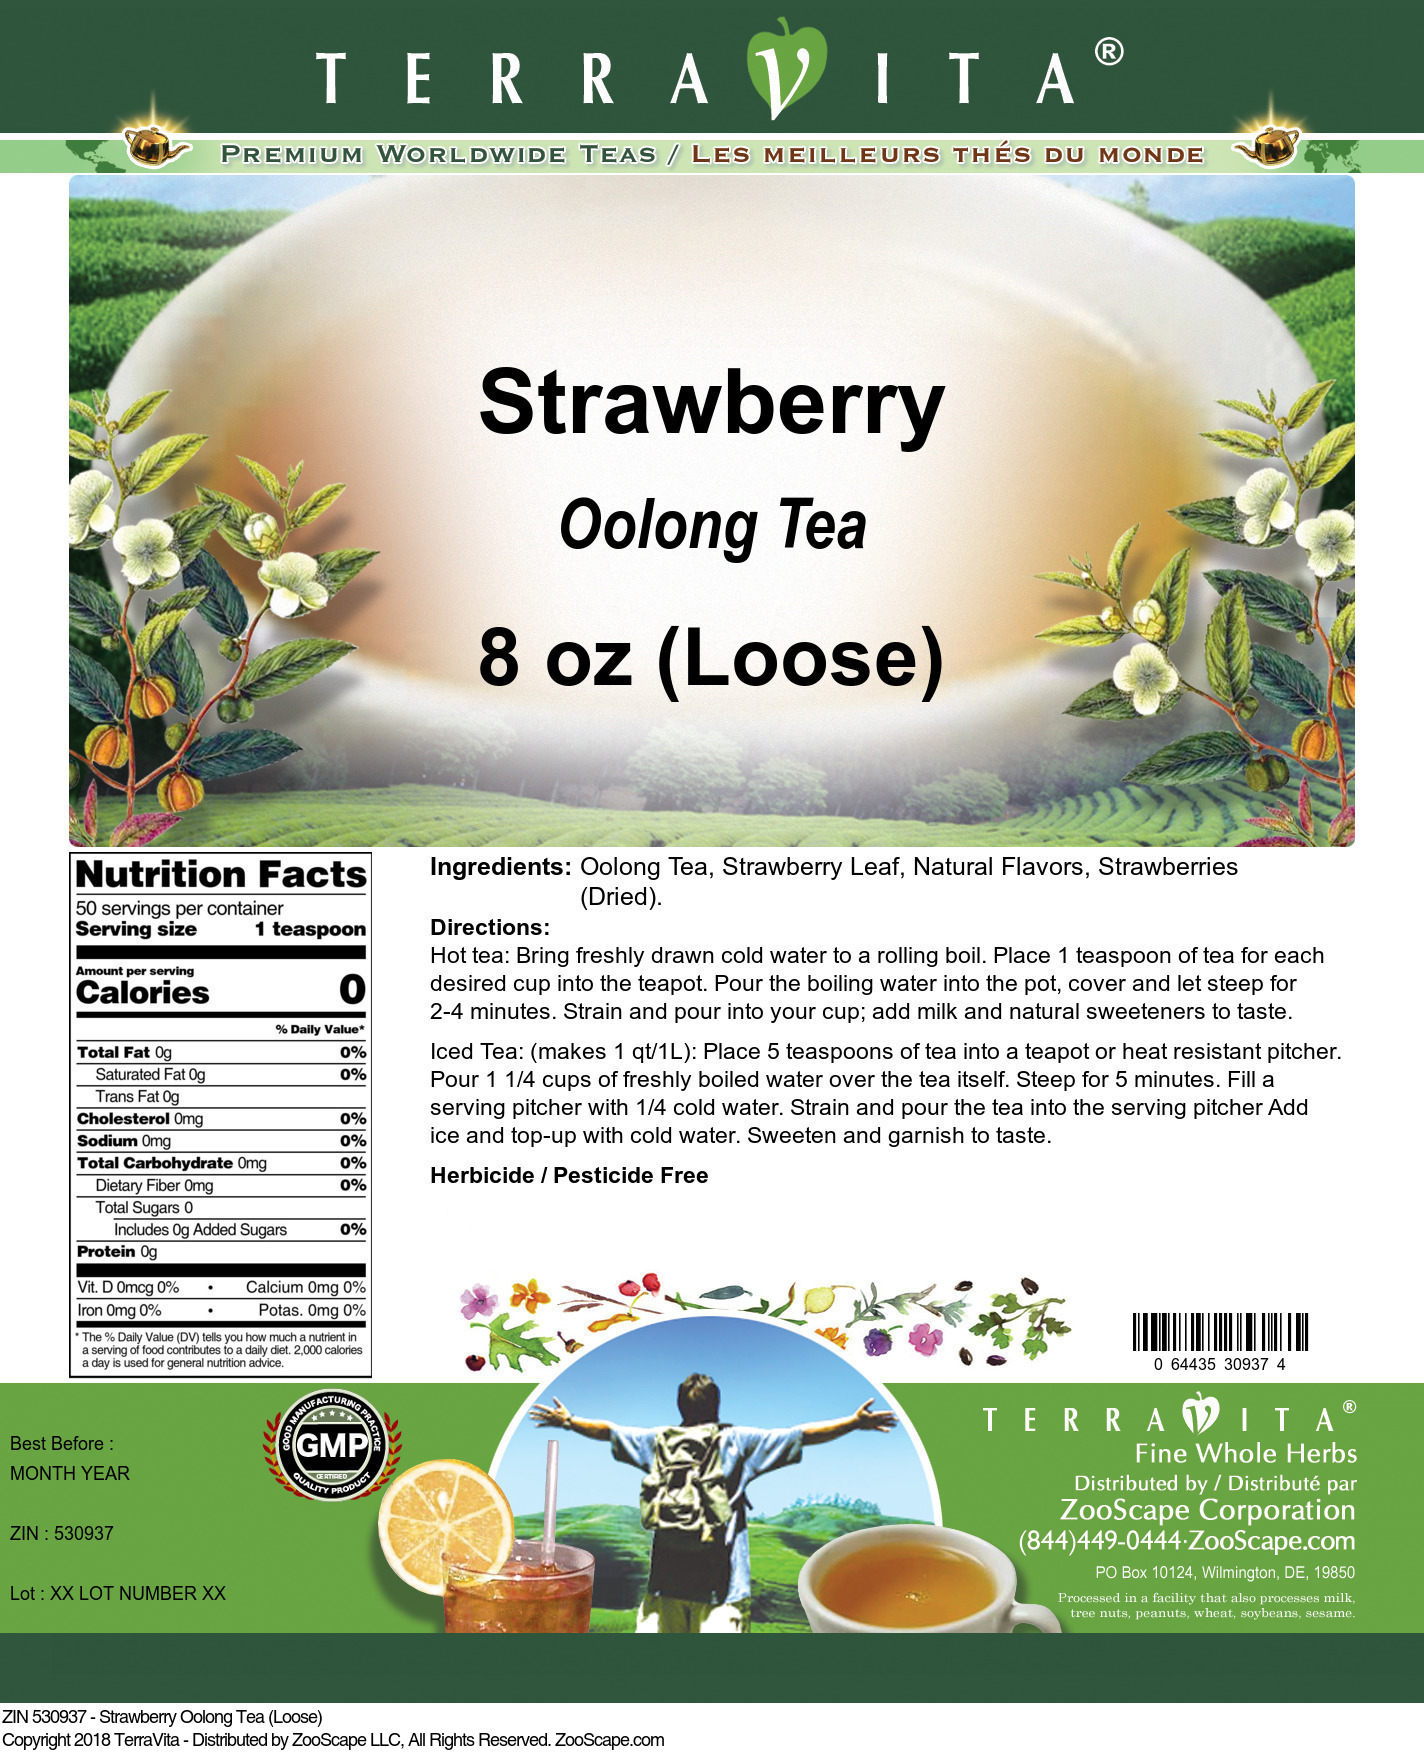 Strawberry Oolong Tea